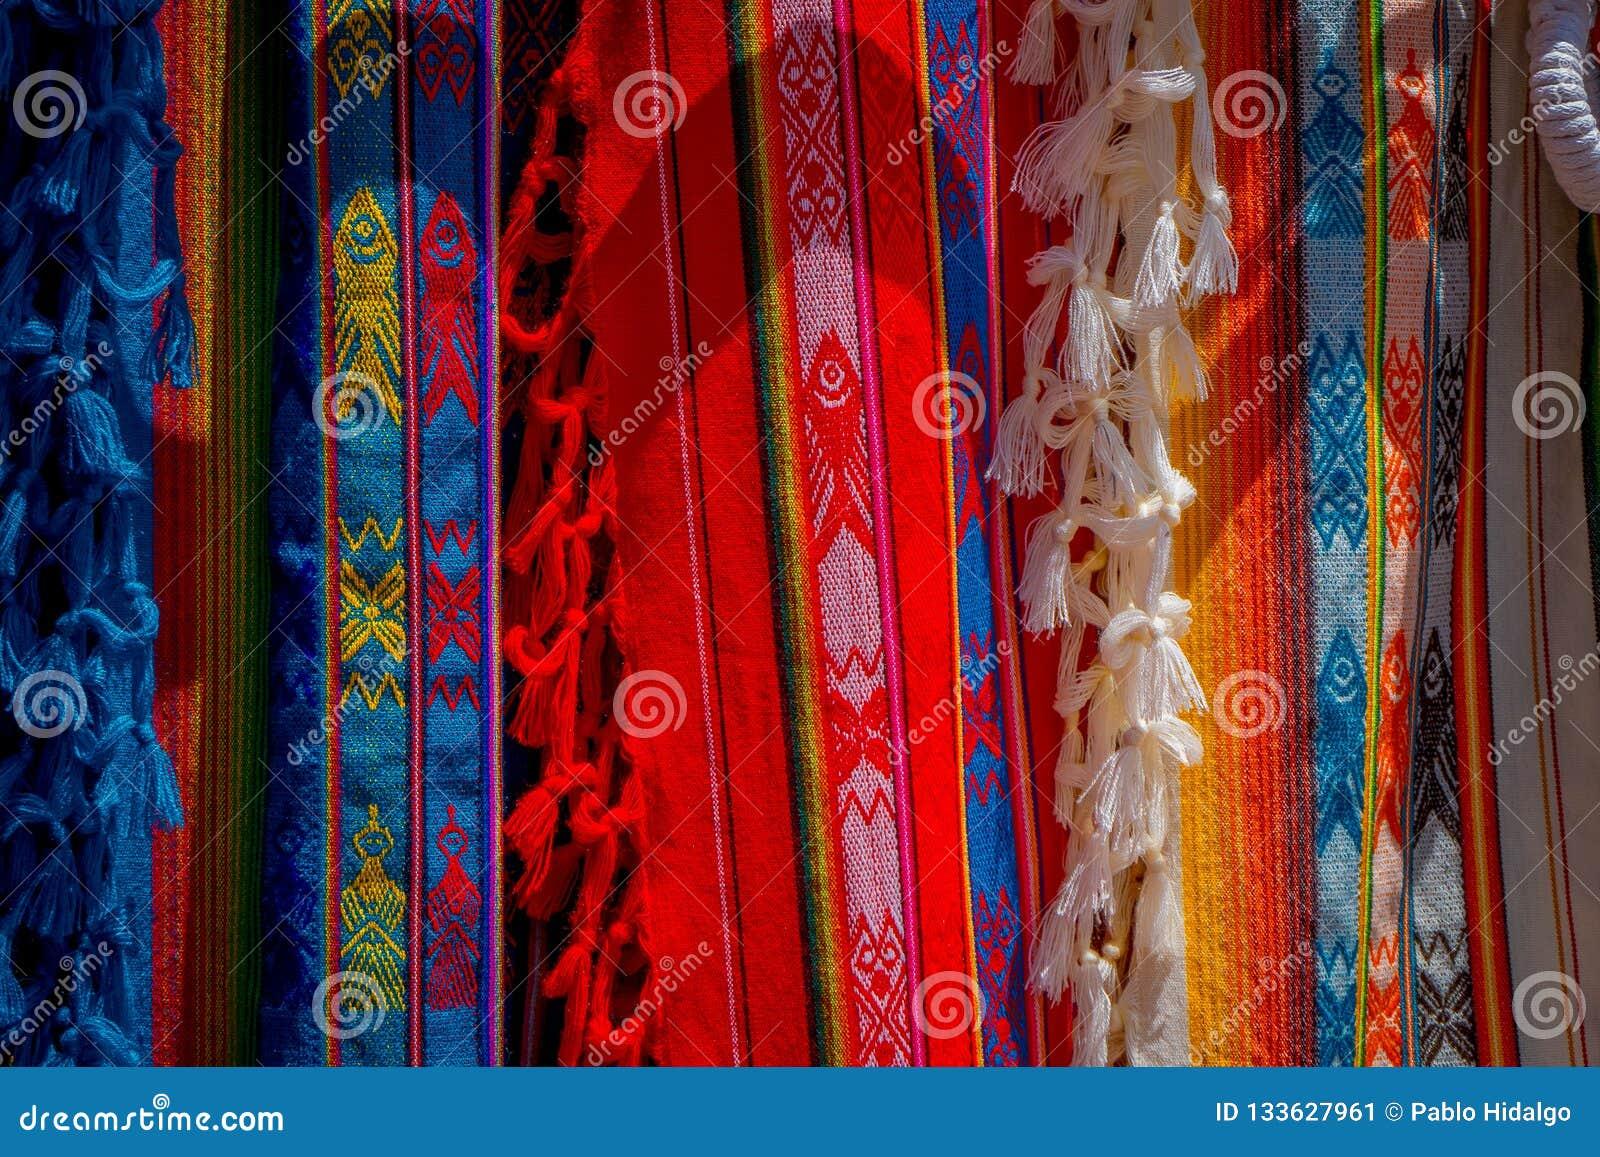 Las Telas Andinas Típicas Vendidas En El Mercado De Las Artesanías